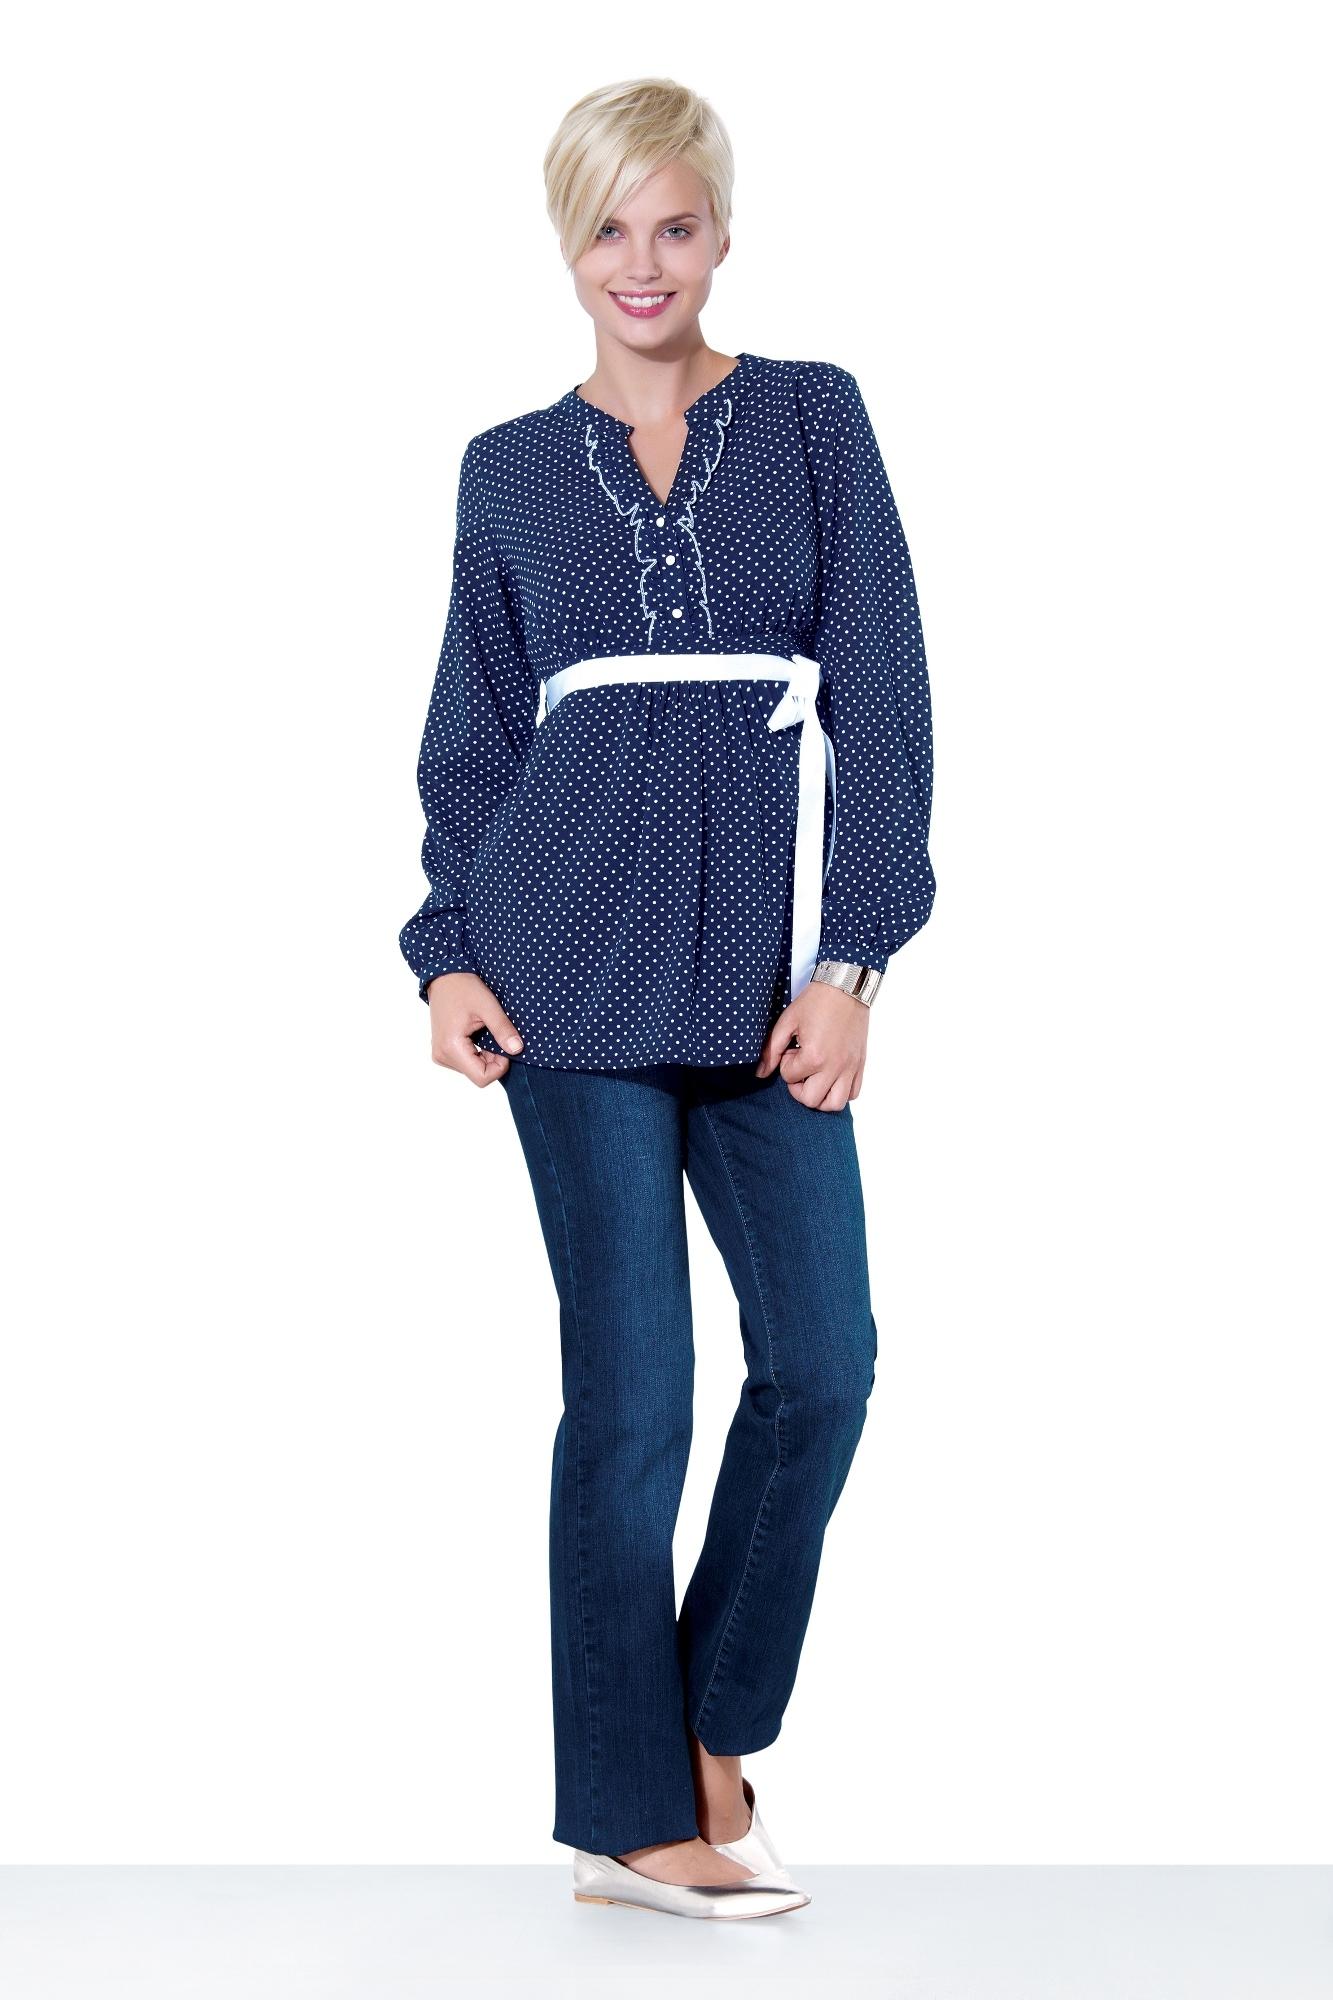 Фото джинсы для беременных (REGULAR) EBRU, средняя посадка, трикотажная вставка от магазина СкороМама, синий, размеры.